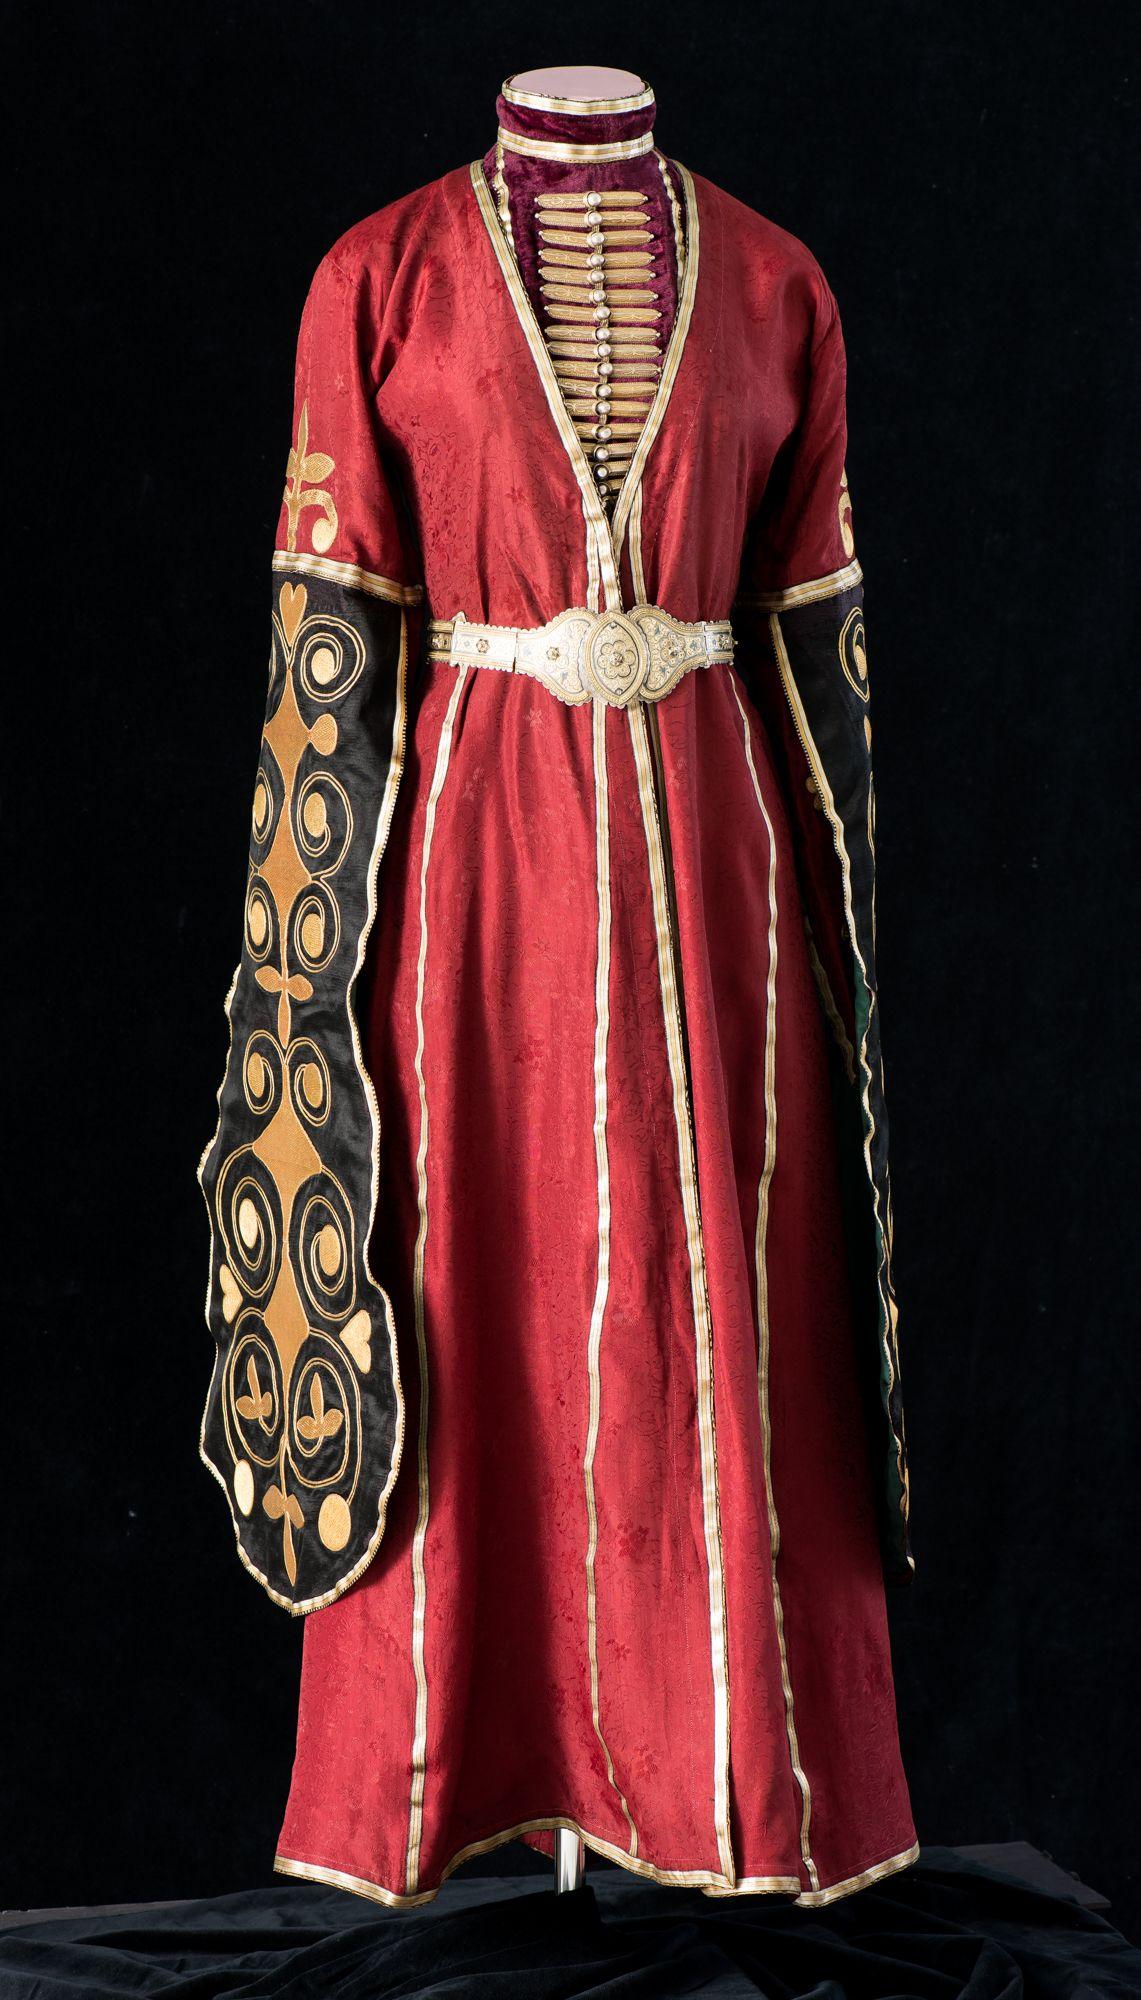 Женская одежда. Адыгея. Начало ХХ в. Платье – сай, нагрудник, подвески нарукавные (пара), воланы нарукавные (пара), нижняя юбка, пояс.